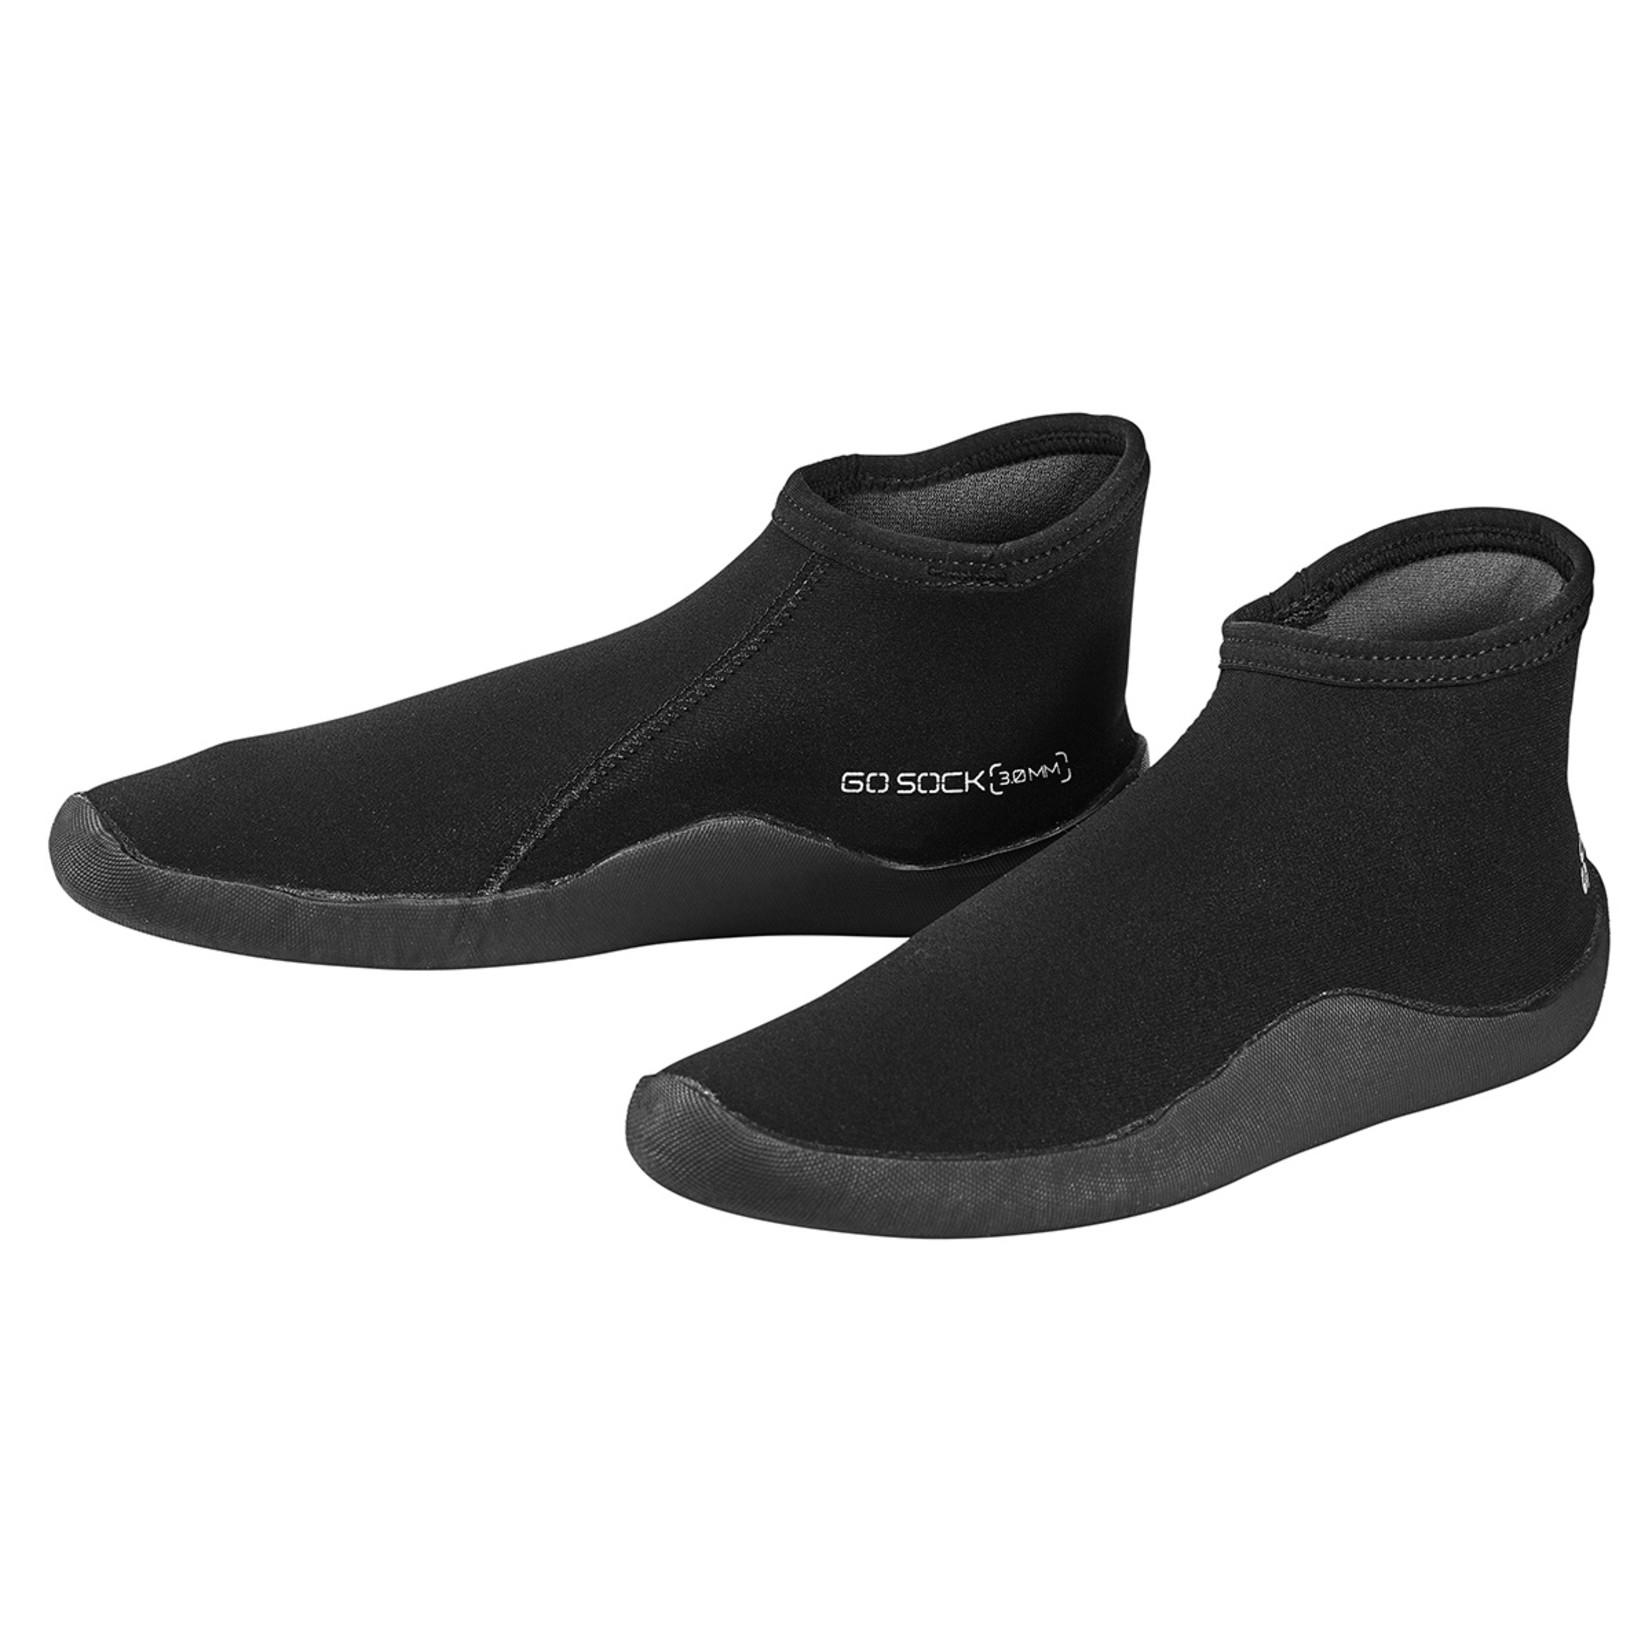 Scubapro GO SOCK 3.0 THIN SOLE black